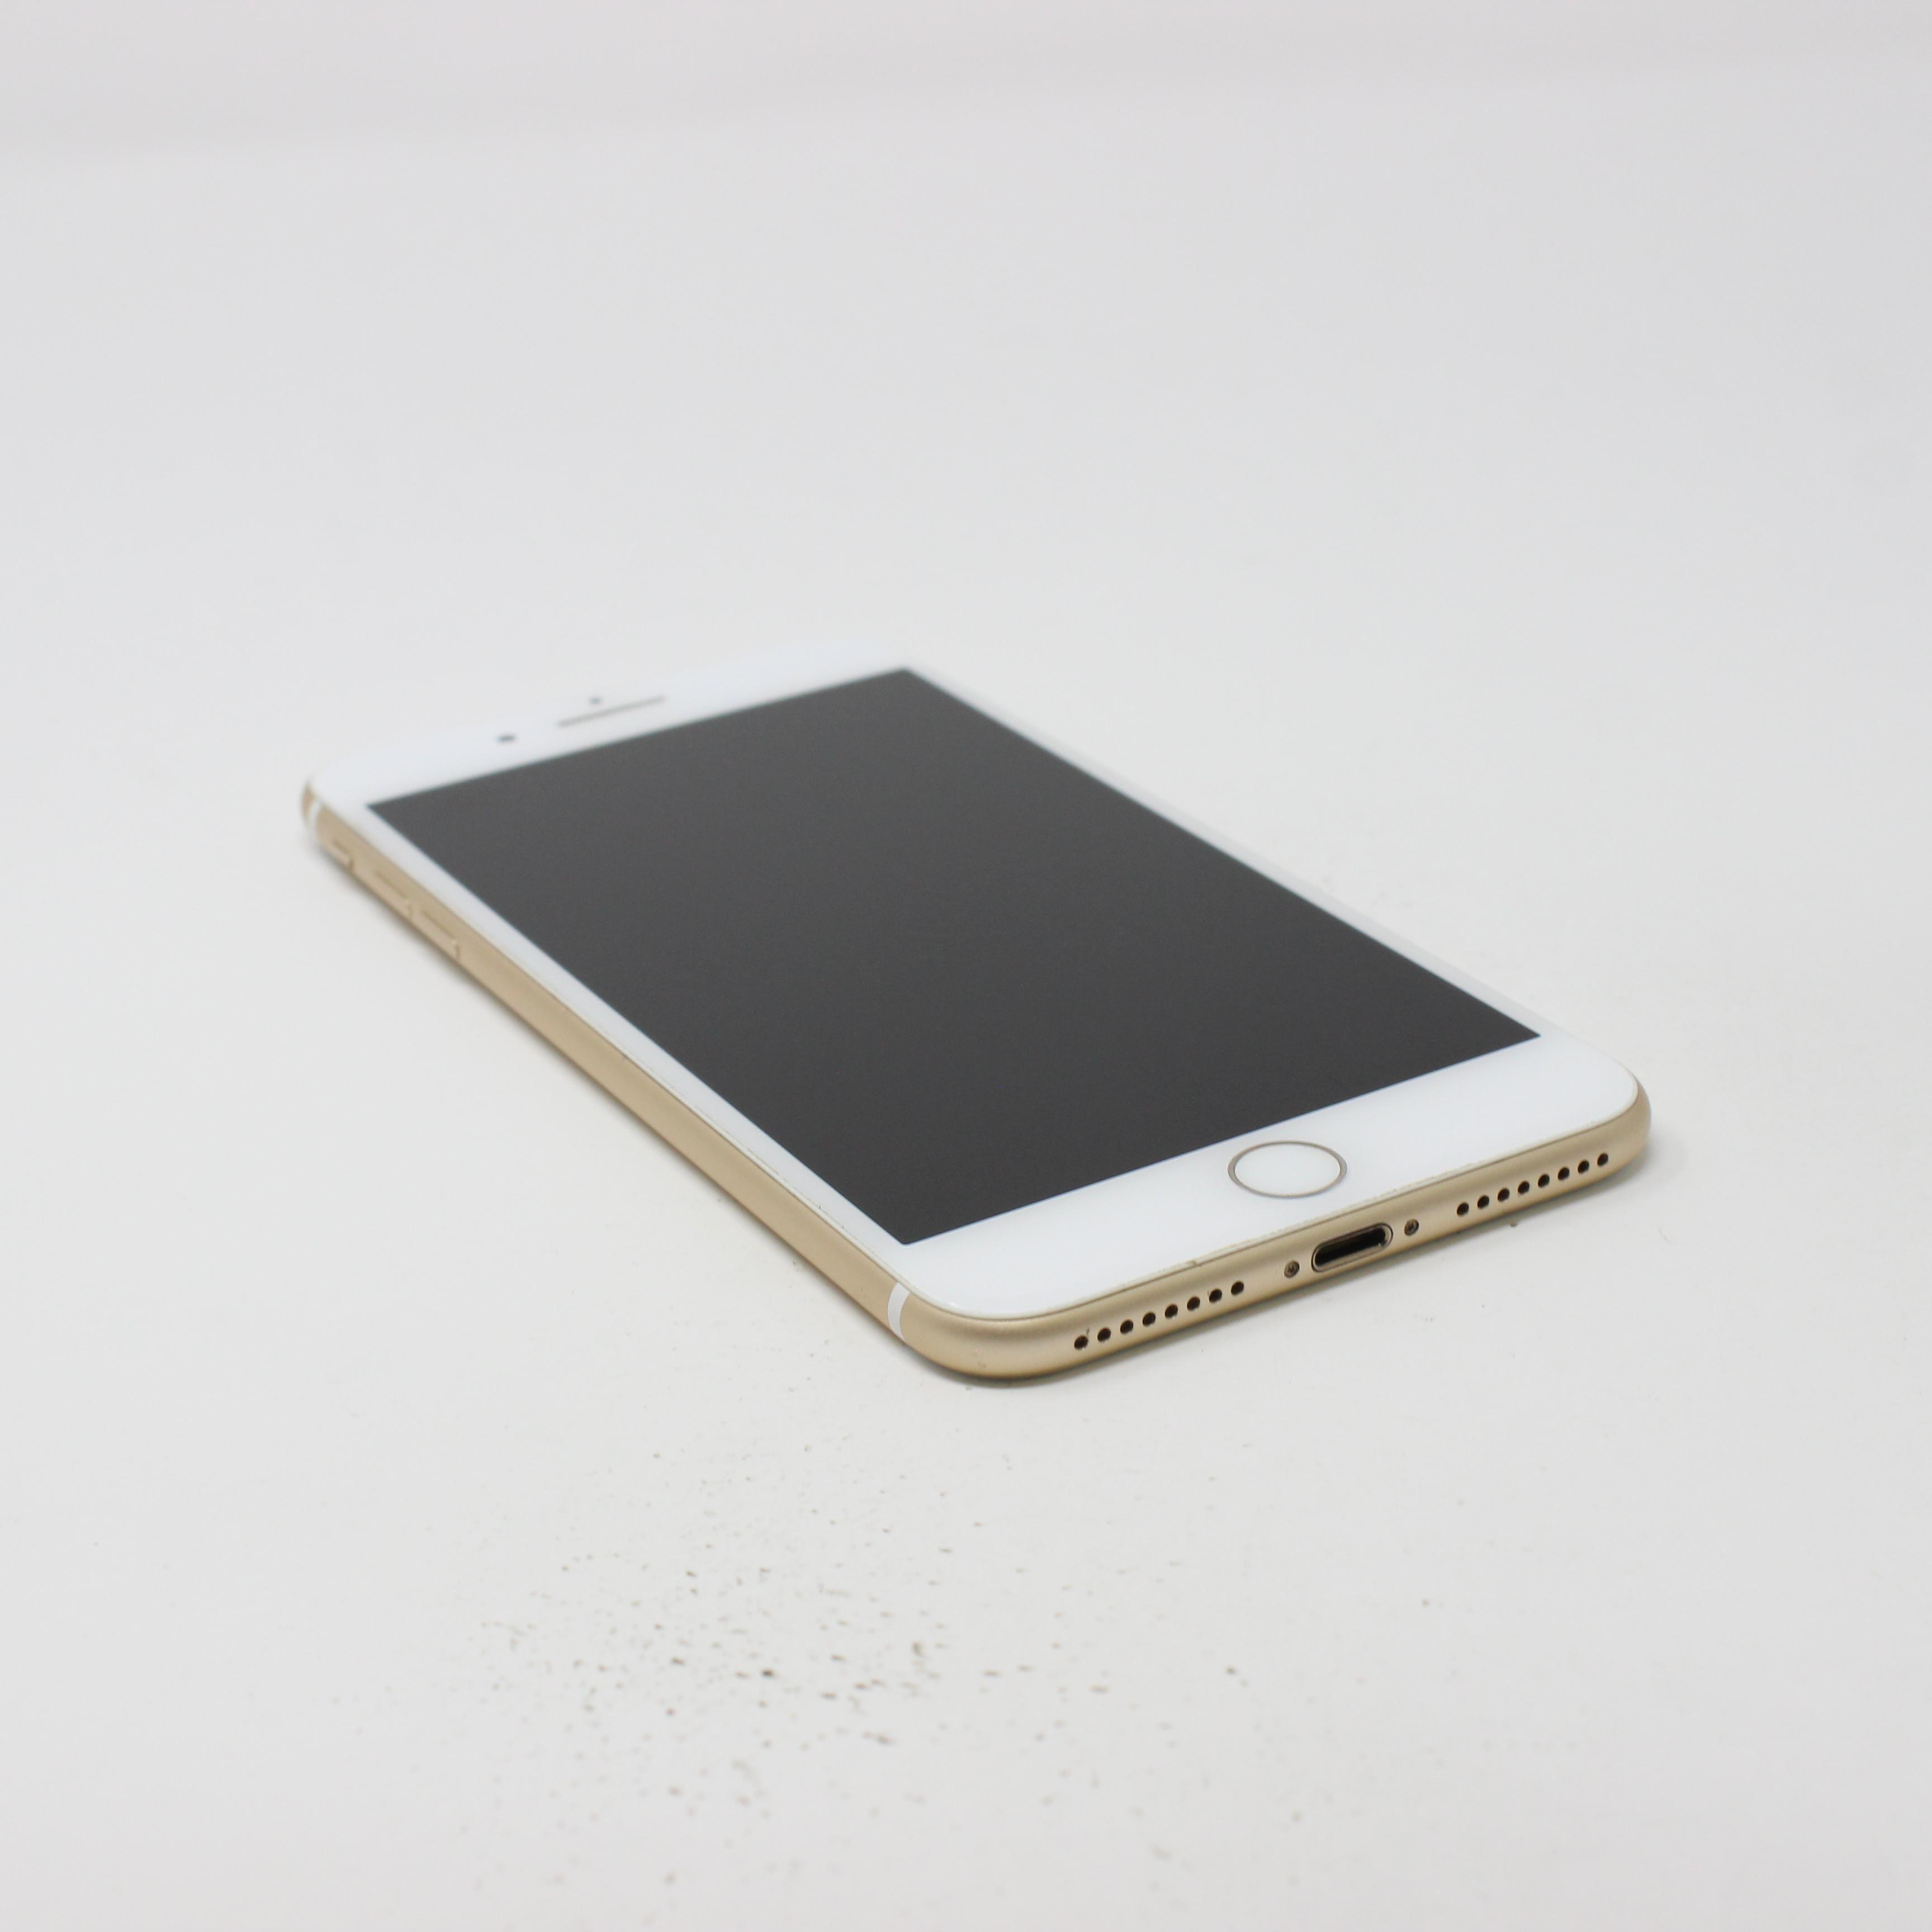 iPhone 7 Plus 32GB Gold - T-Mobile photo 5 | UpTradeit.com